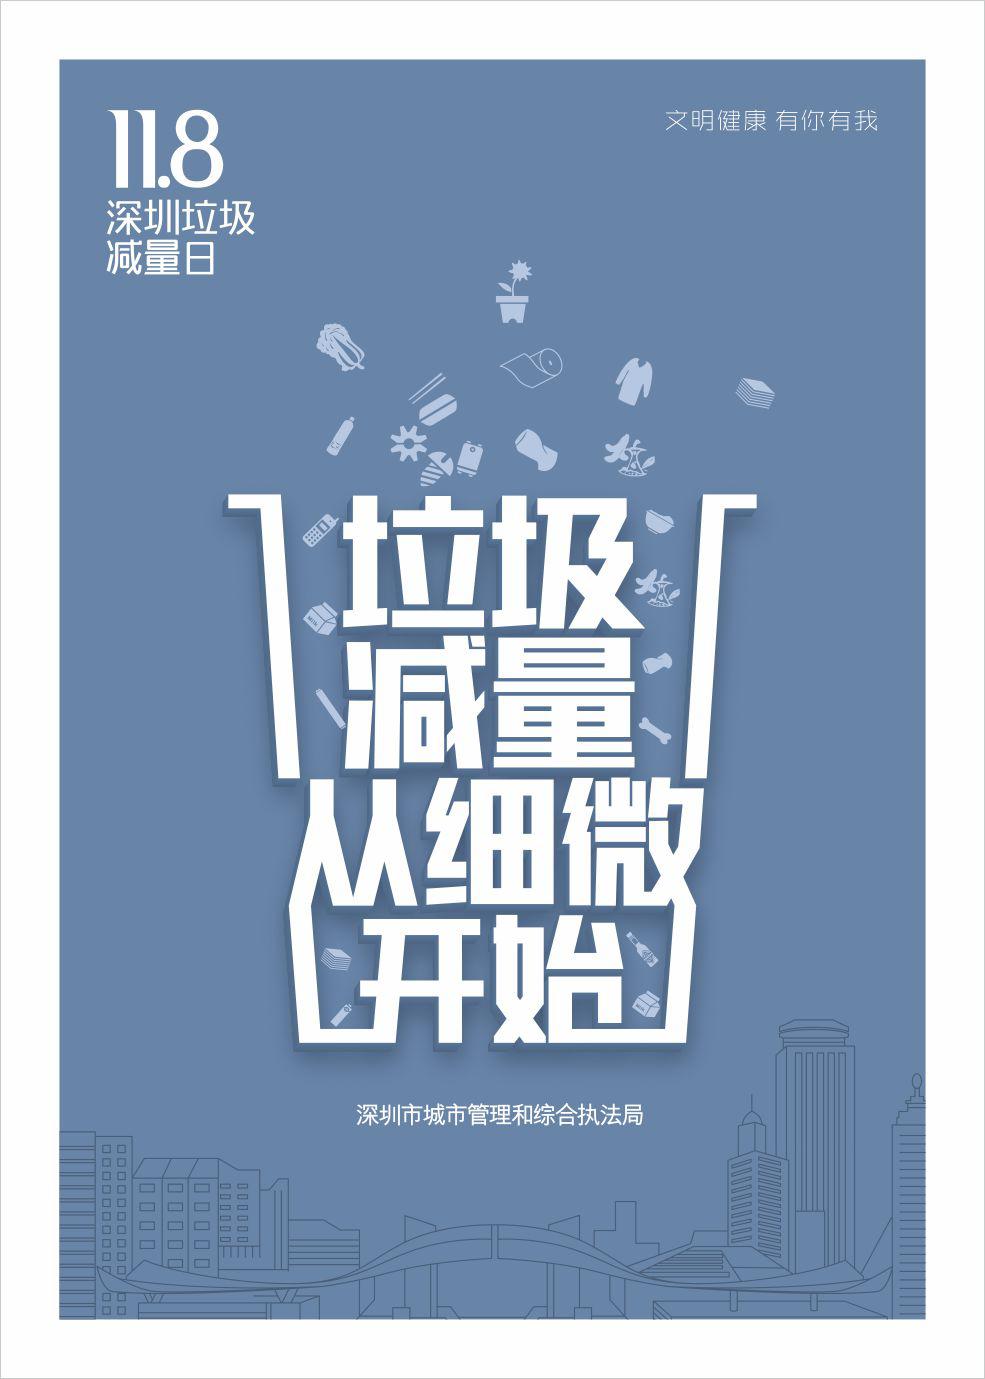 """深圳将迎首个""""垃圾减量日"""" 倡"""